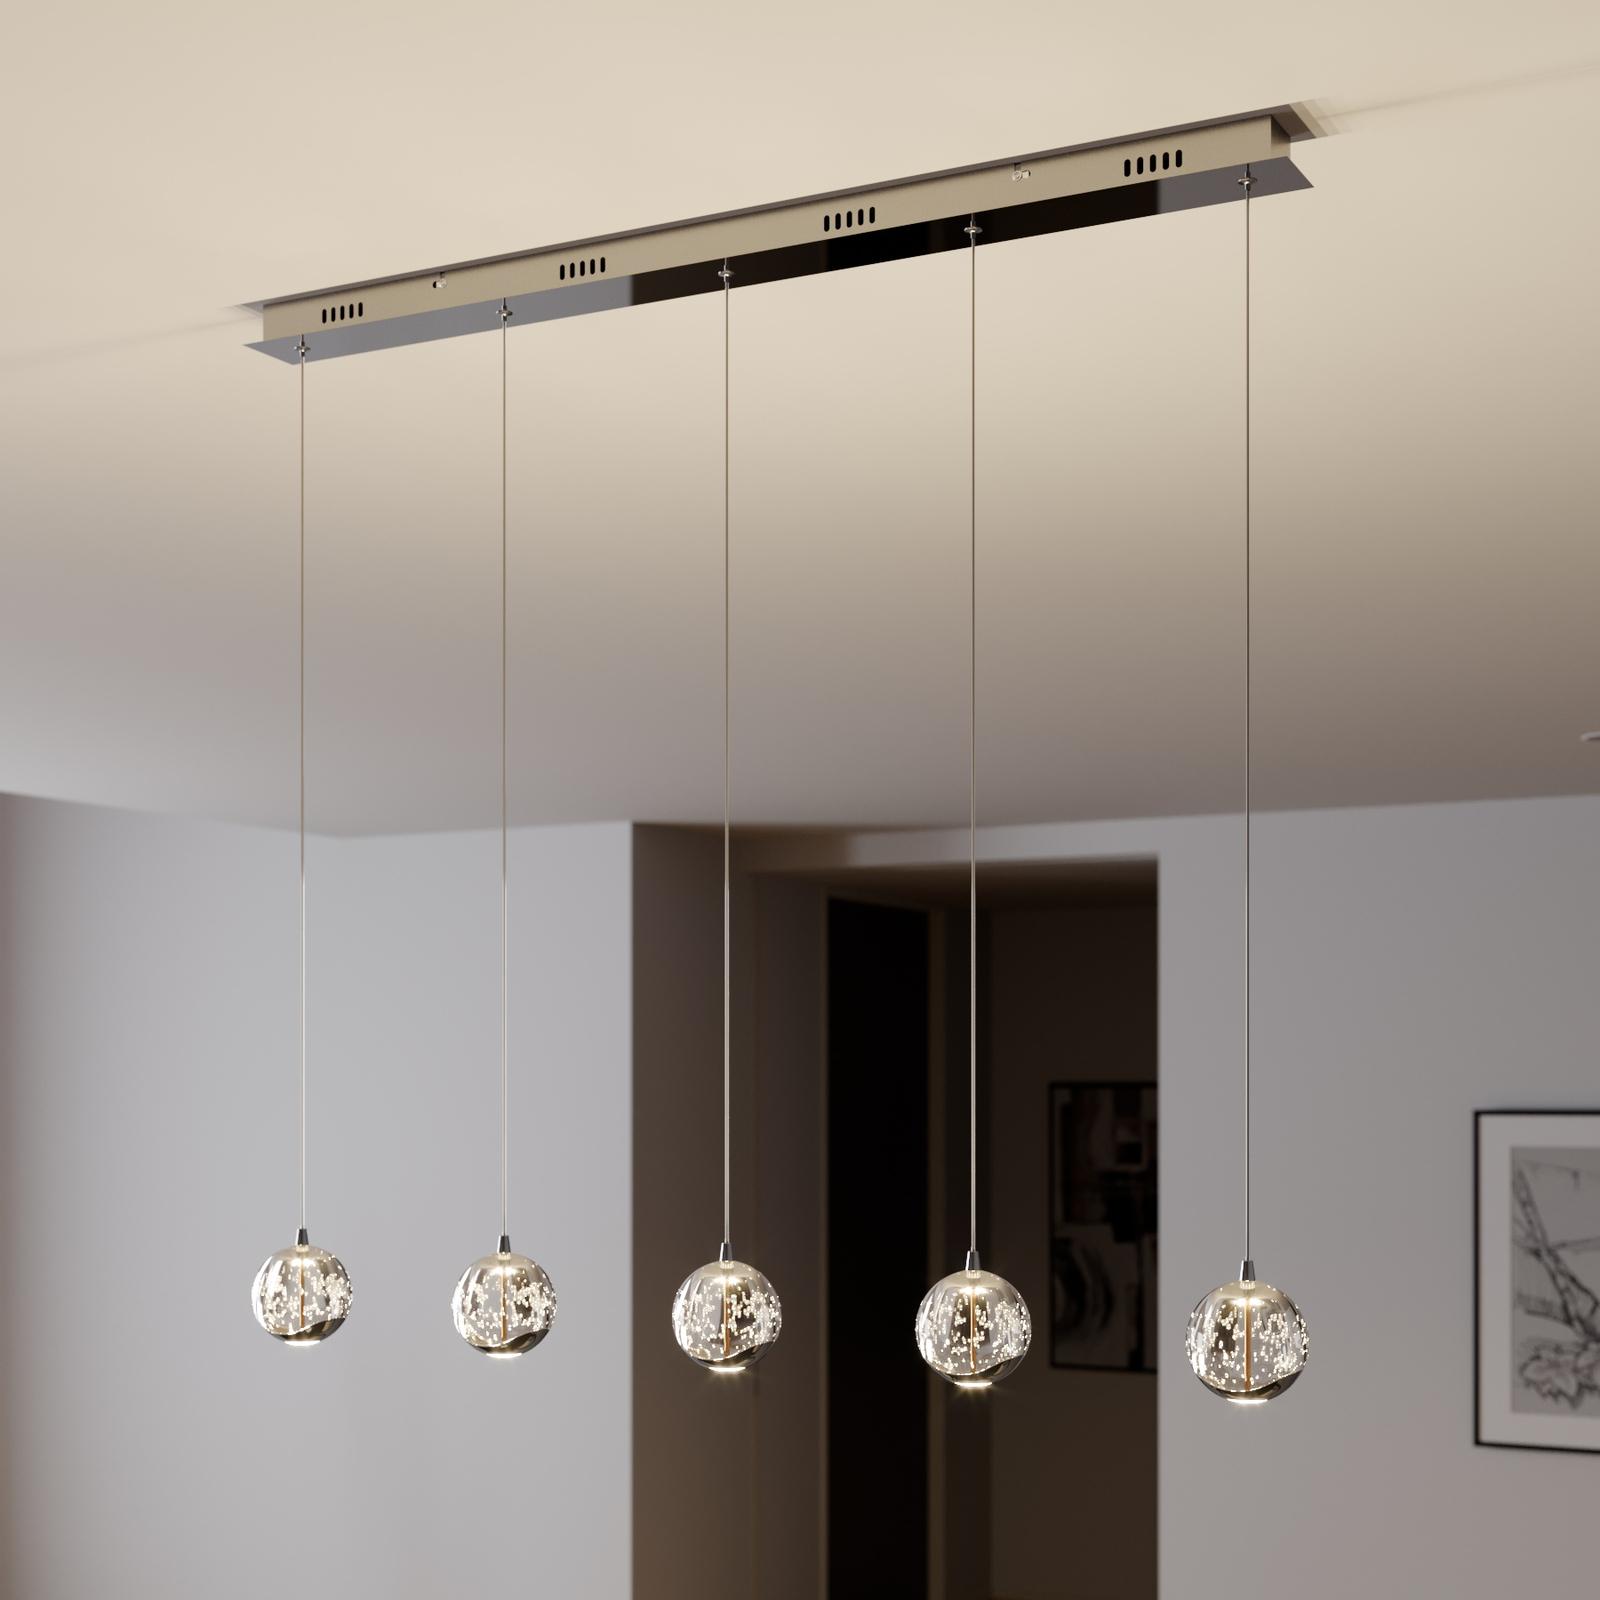 Lampa wisząca LED Hayley, 5-pkt., podłużna, chrom